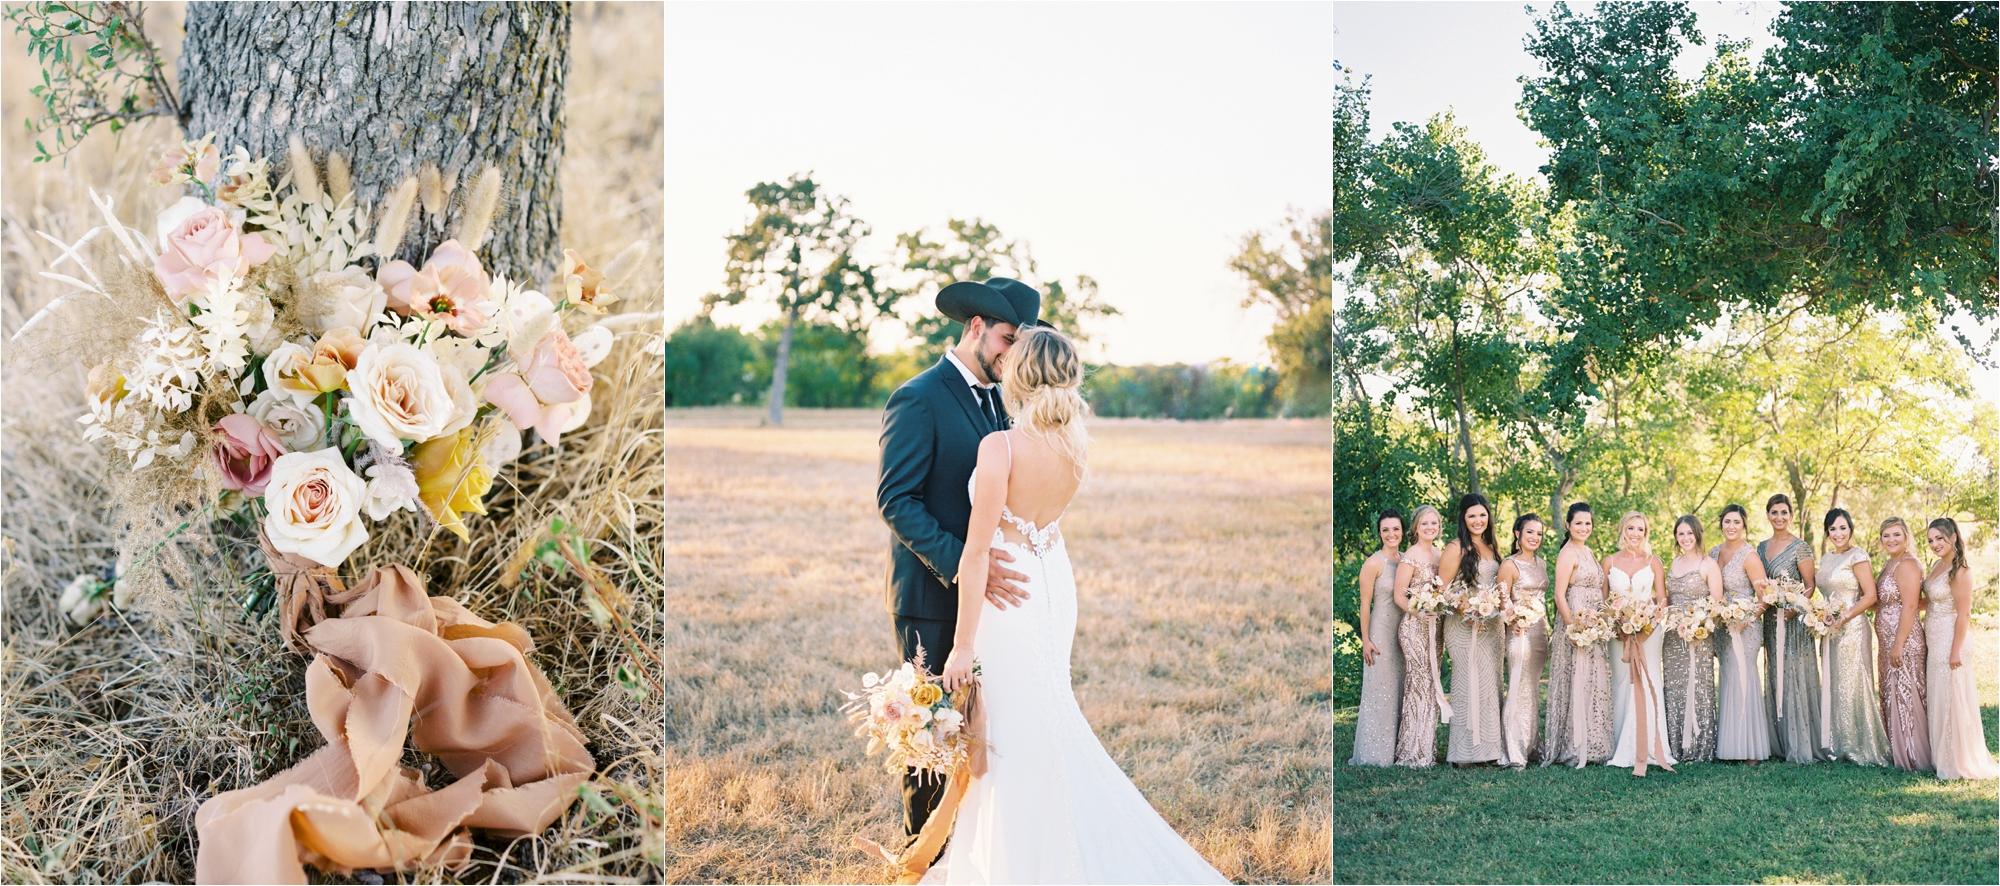 Abilene Fine Art Film Wedding Photographer Abbey Leigh Photography